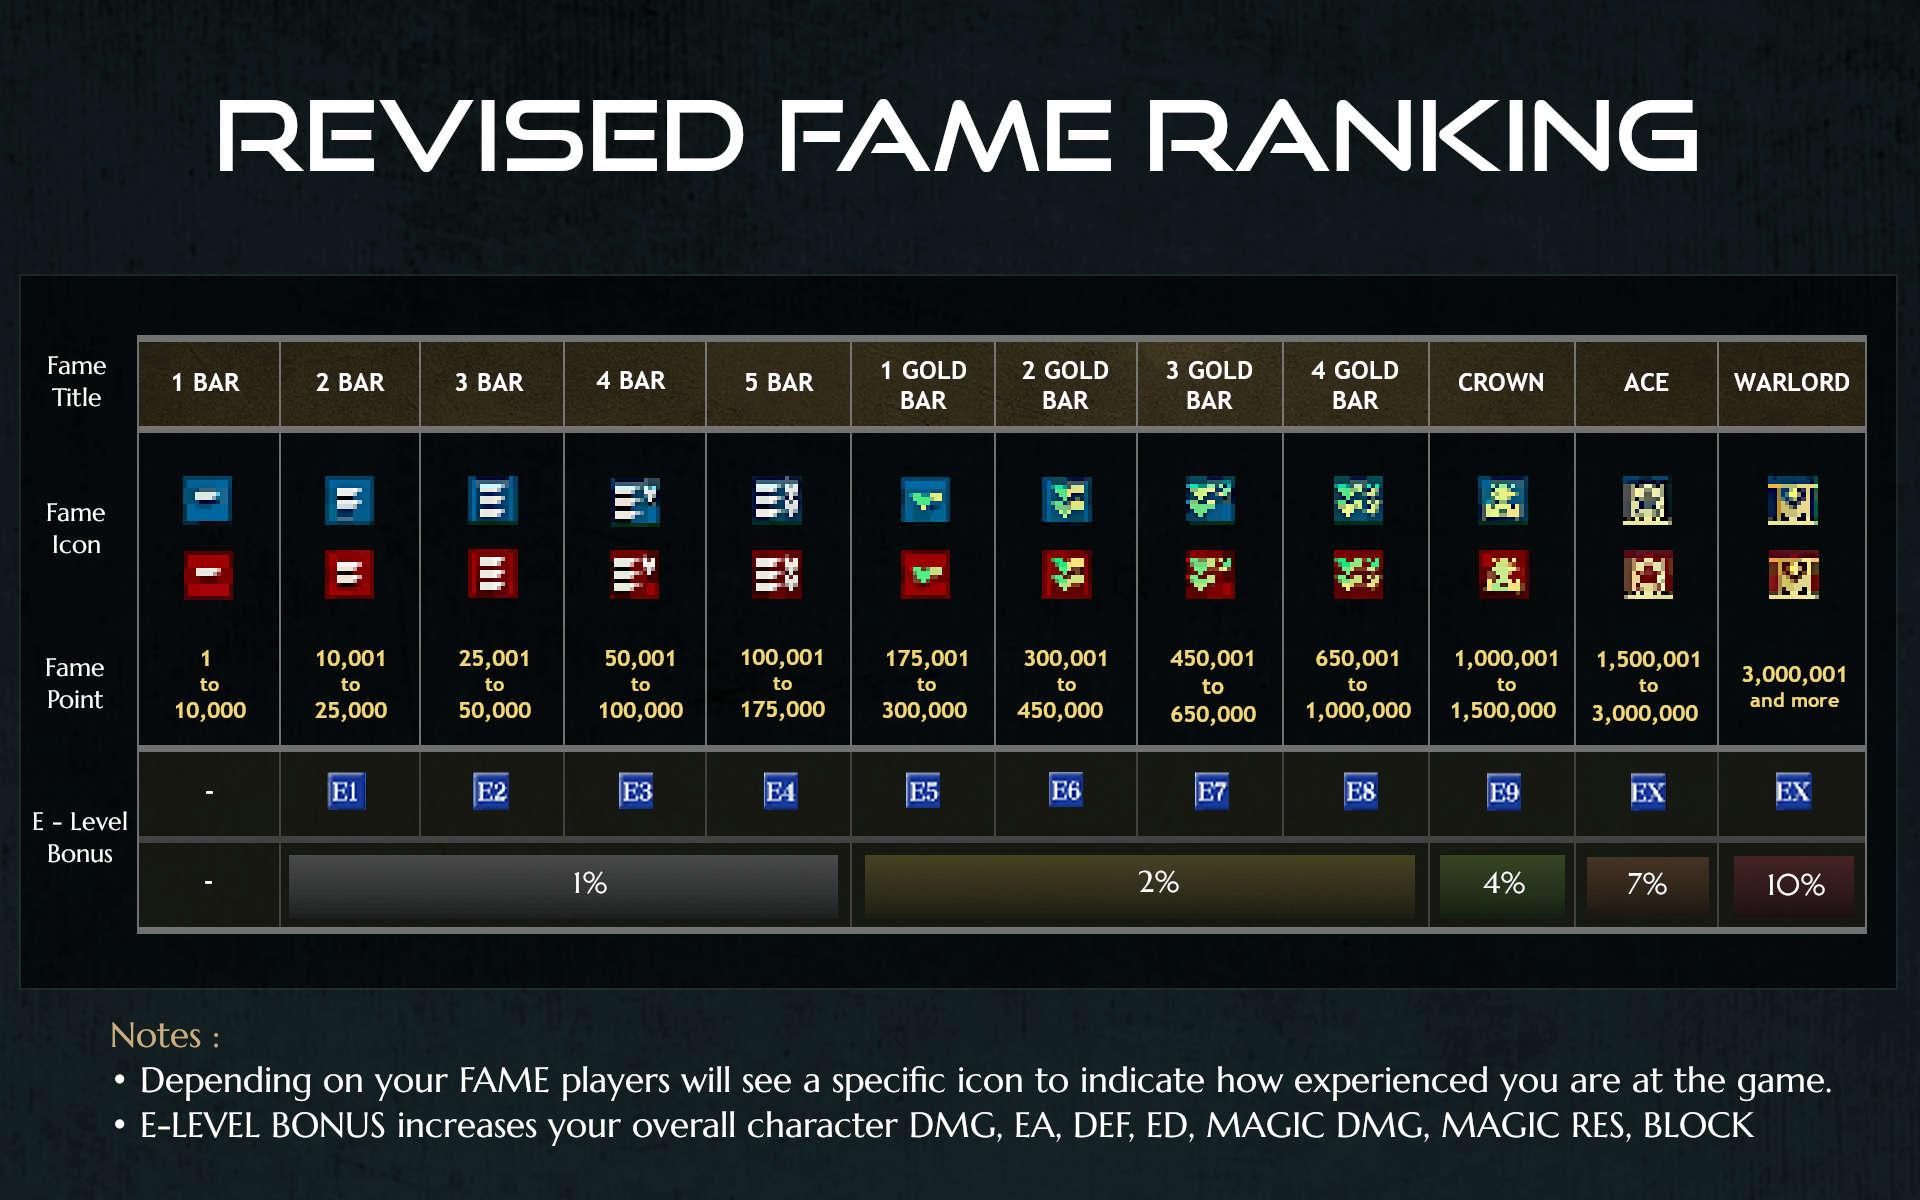 New Fame Ranking v2